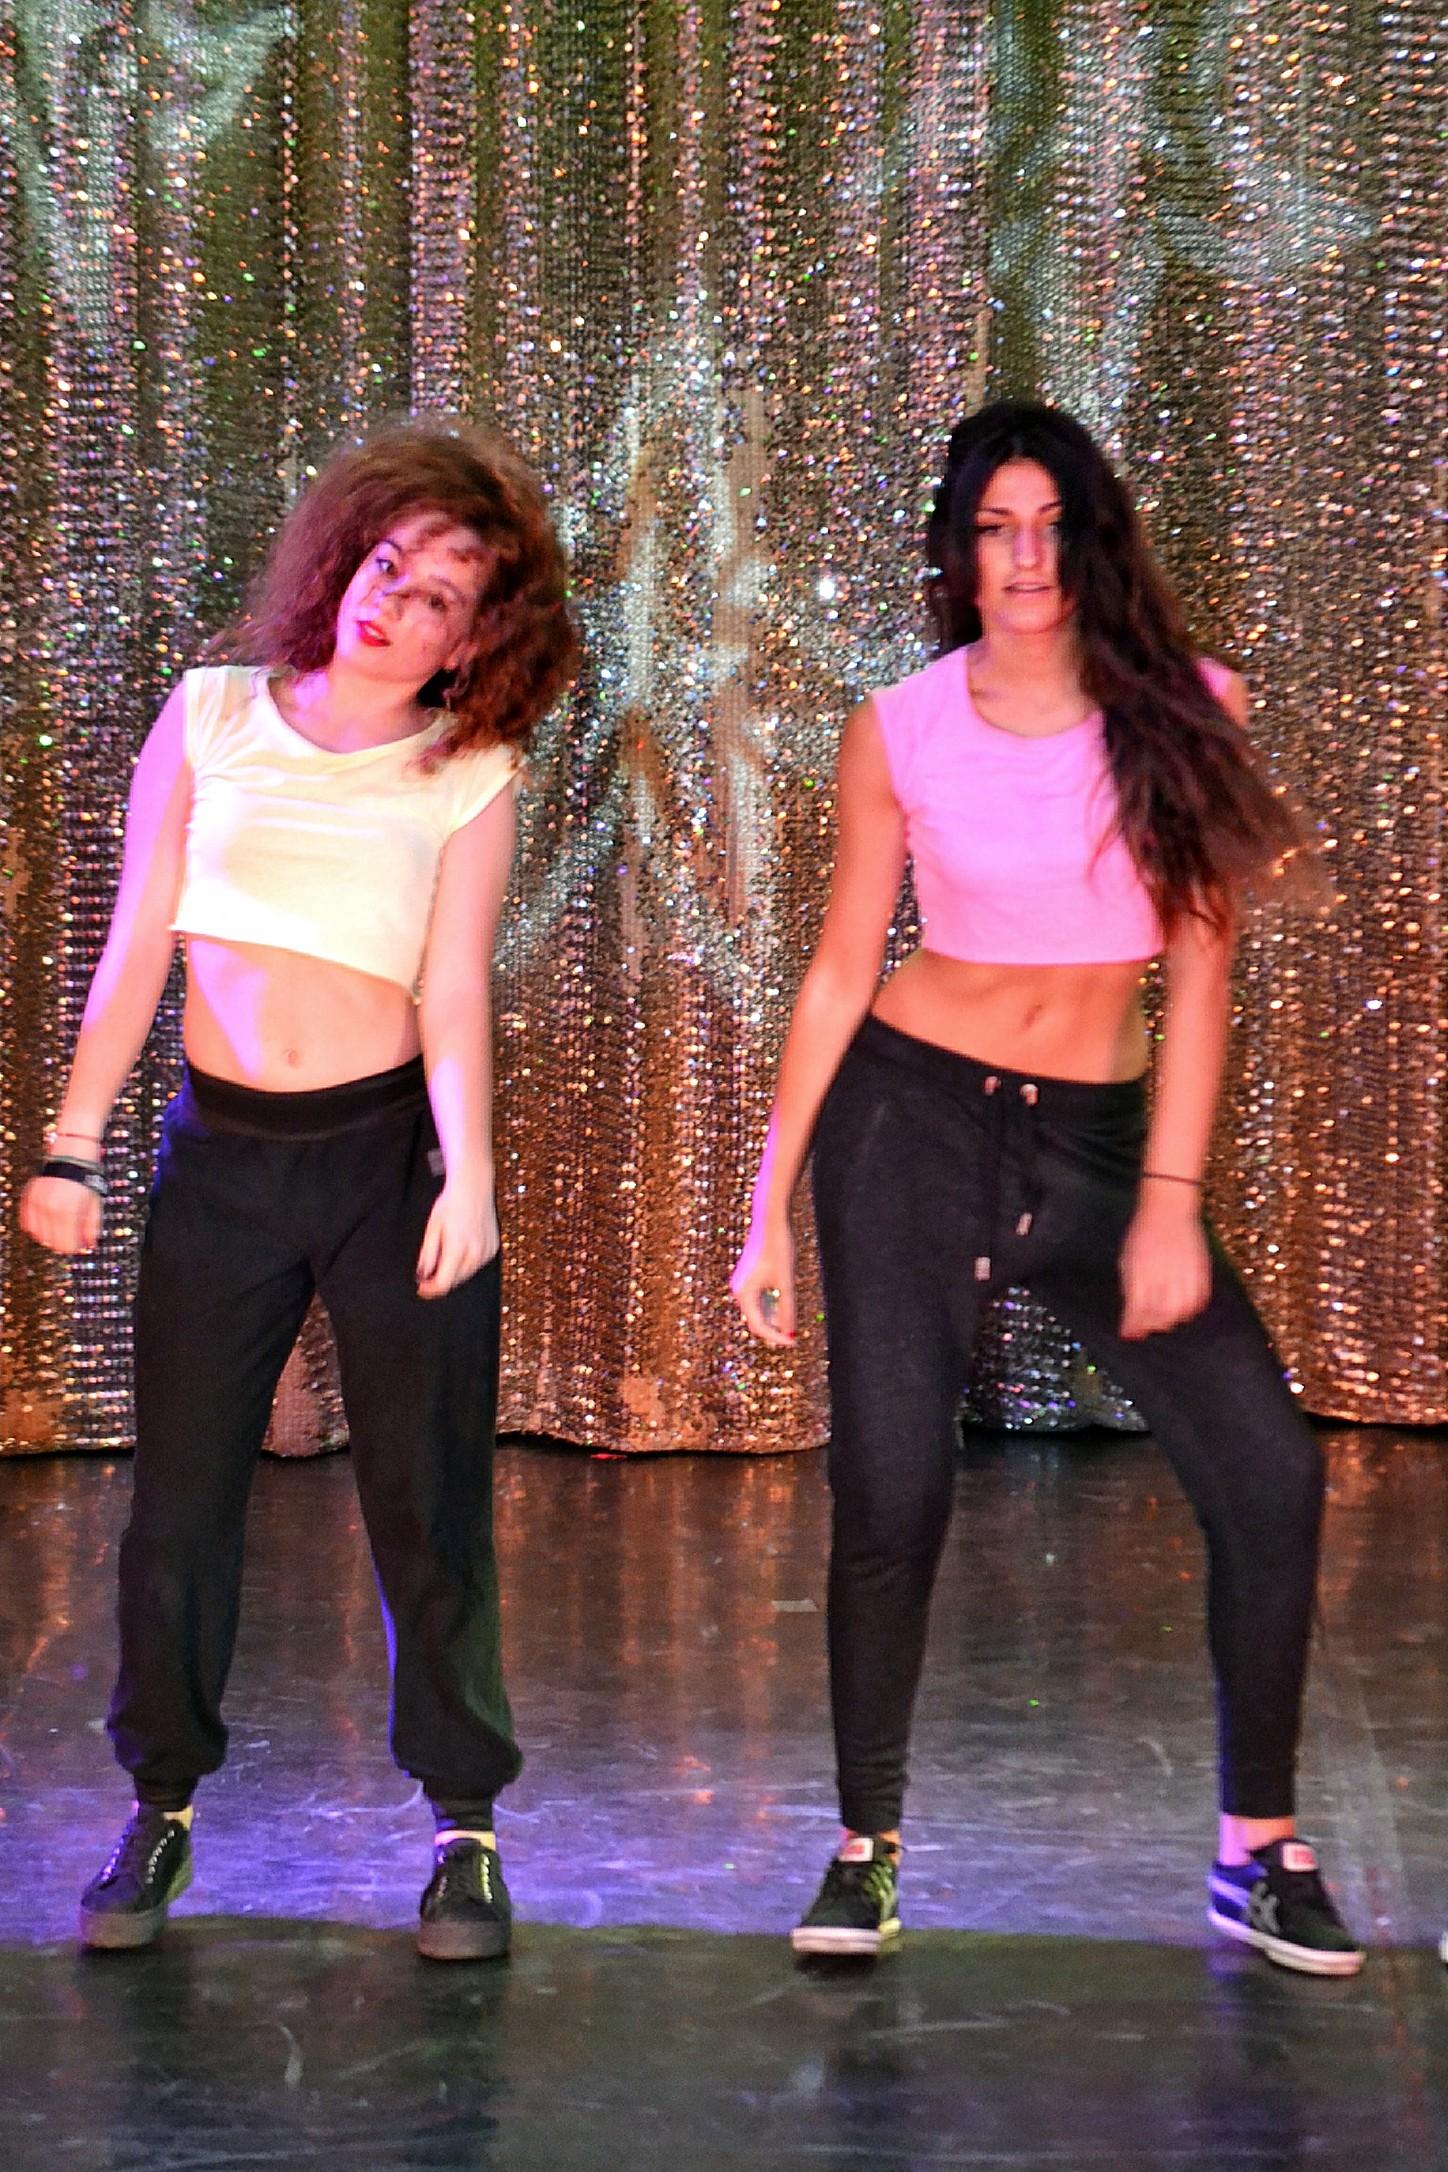 Linea-de-Baile-festival-verano-2015-clases-de-baile-valencia-82